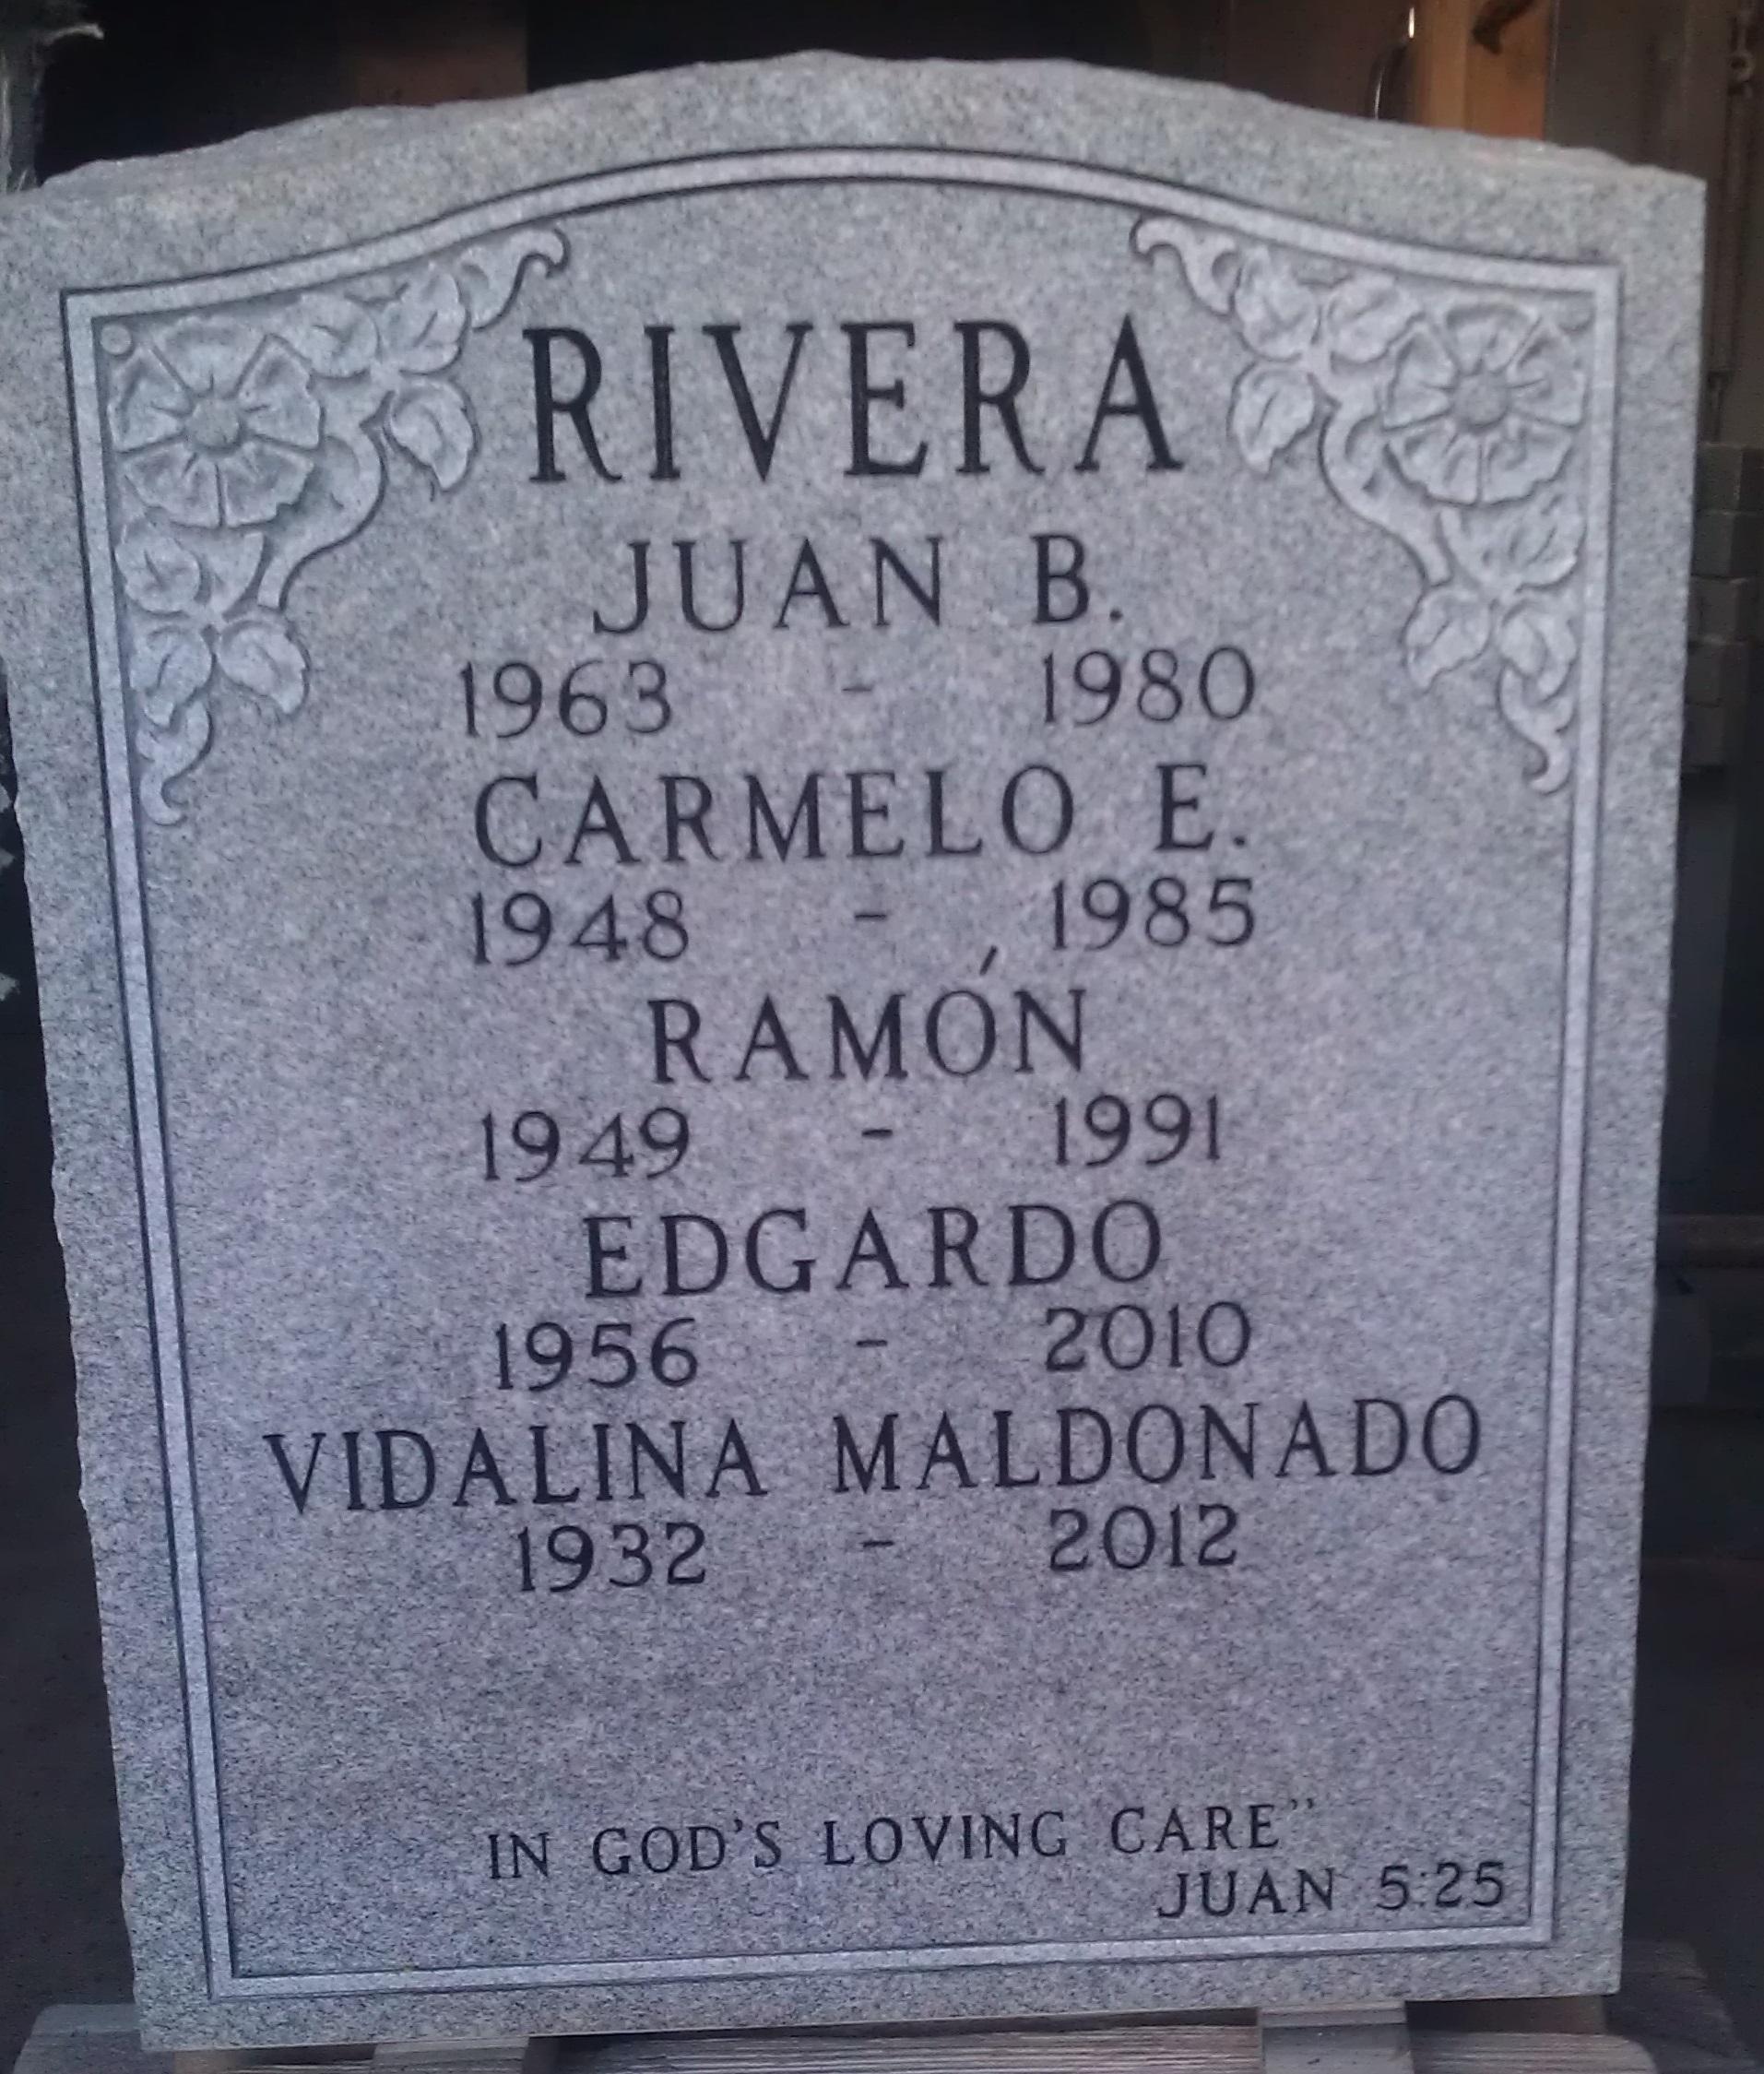 J.A. Rivera